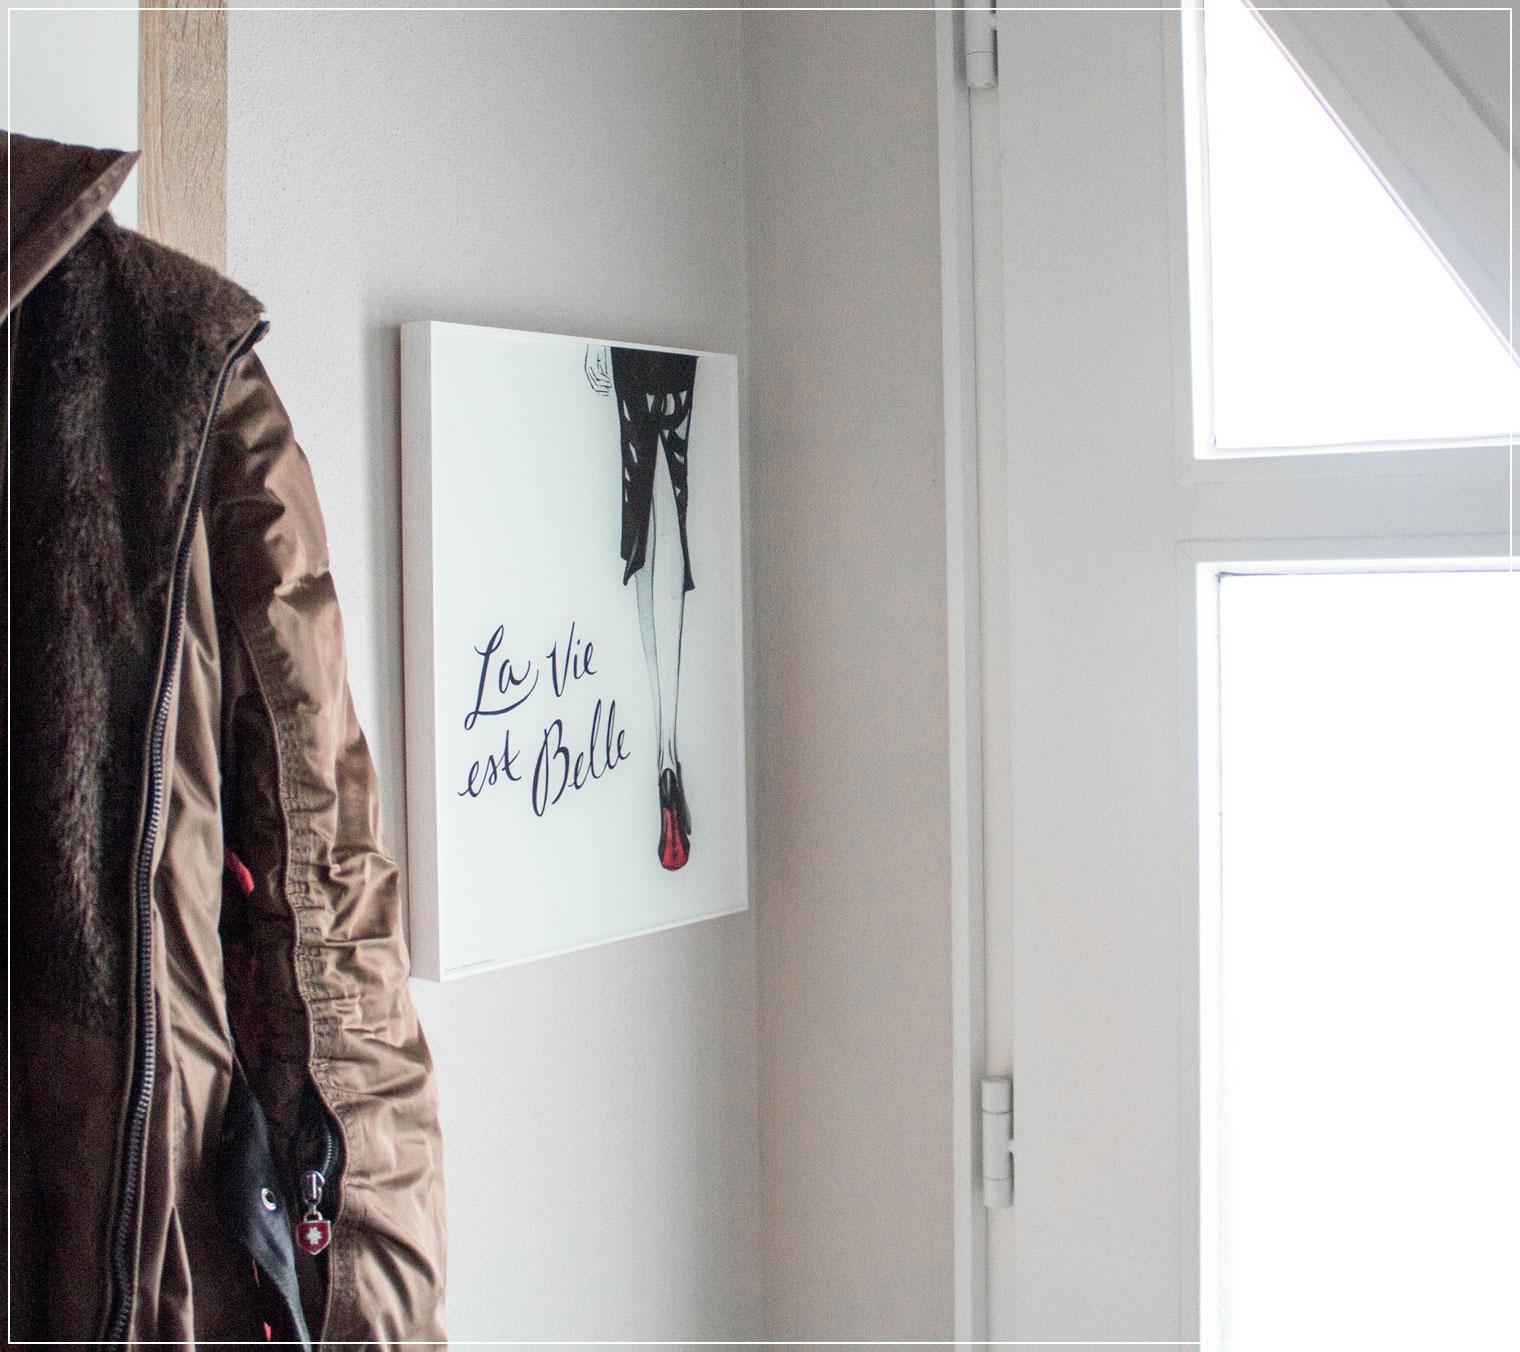 Posterlounge, Wanddeko, Interior, Poster, Leinwand, Fashionbloggerin, Lifestyleblogger, Ruhrgebiet, Bloggerin